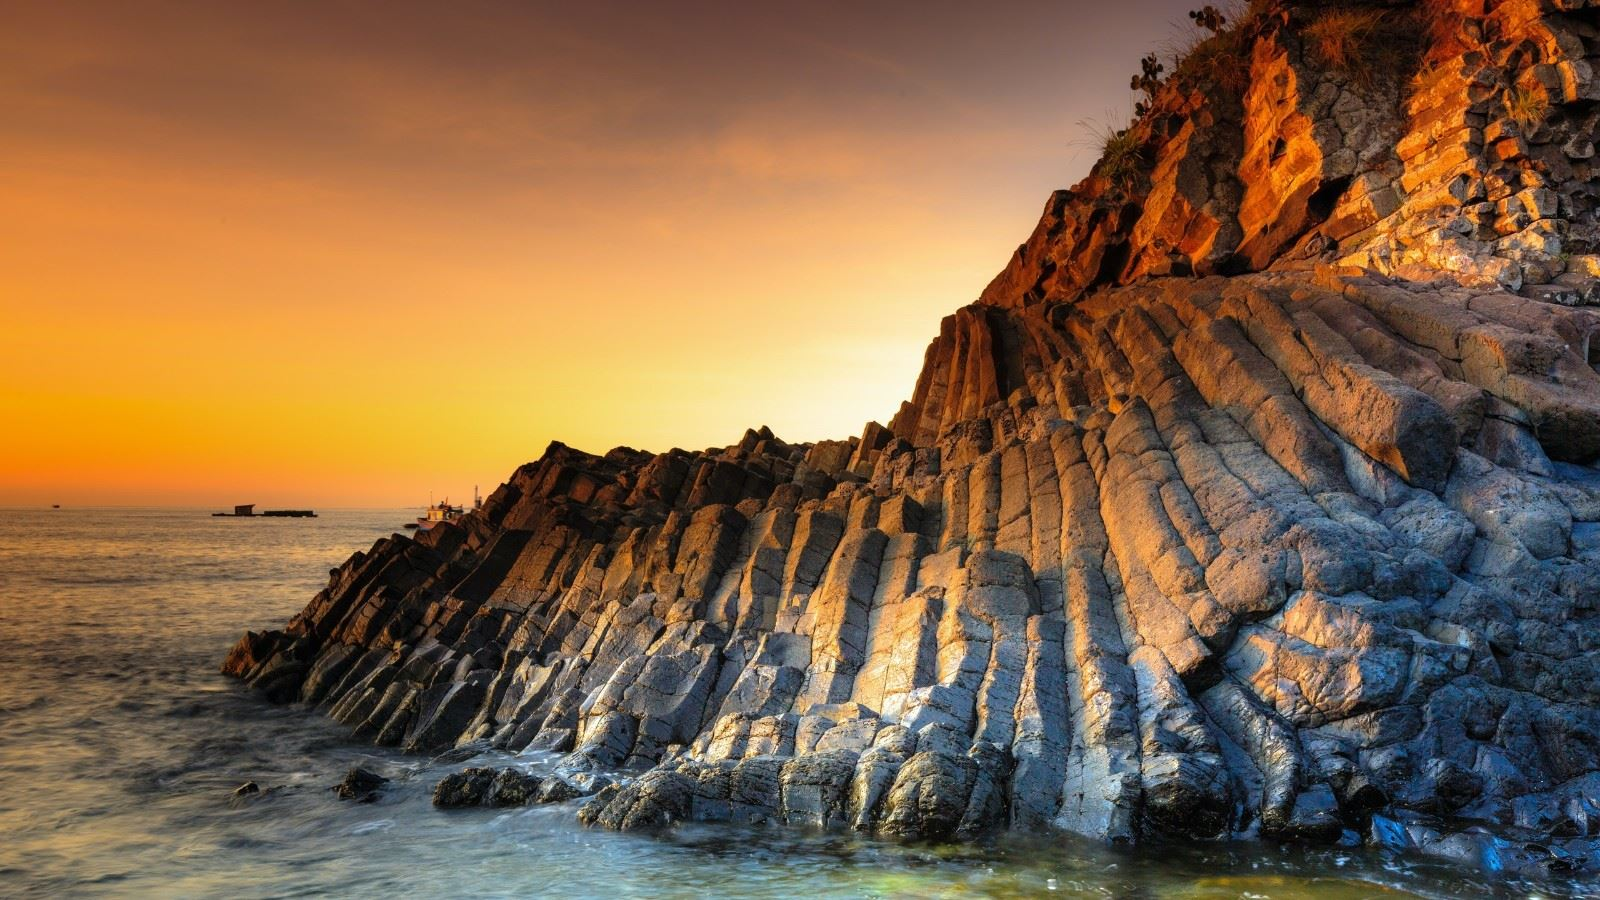 唯美迷人的海边风光壁纸图片